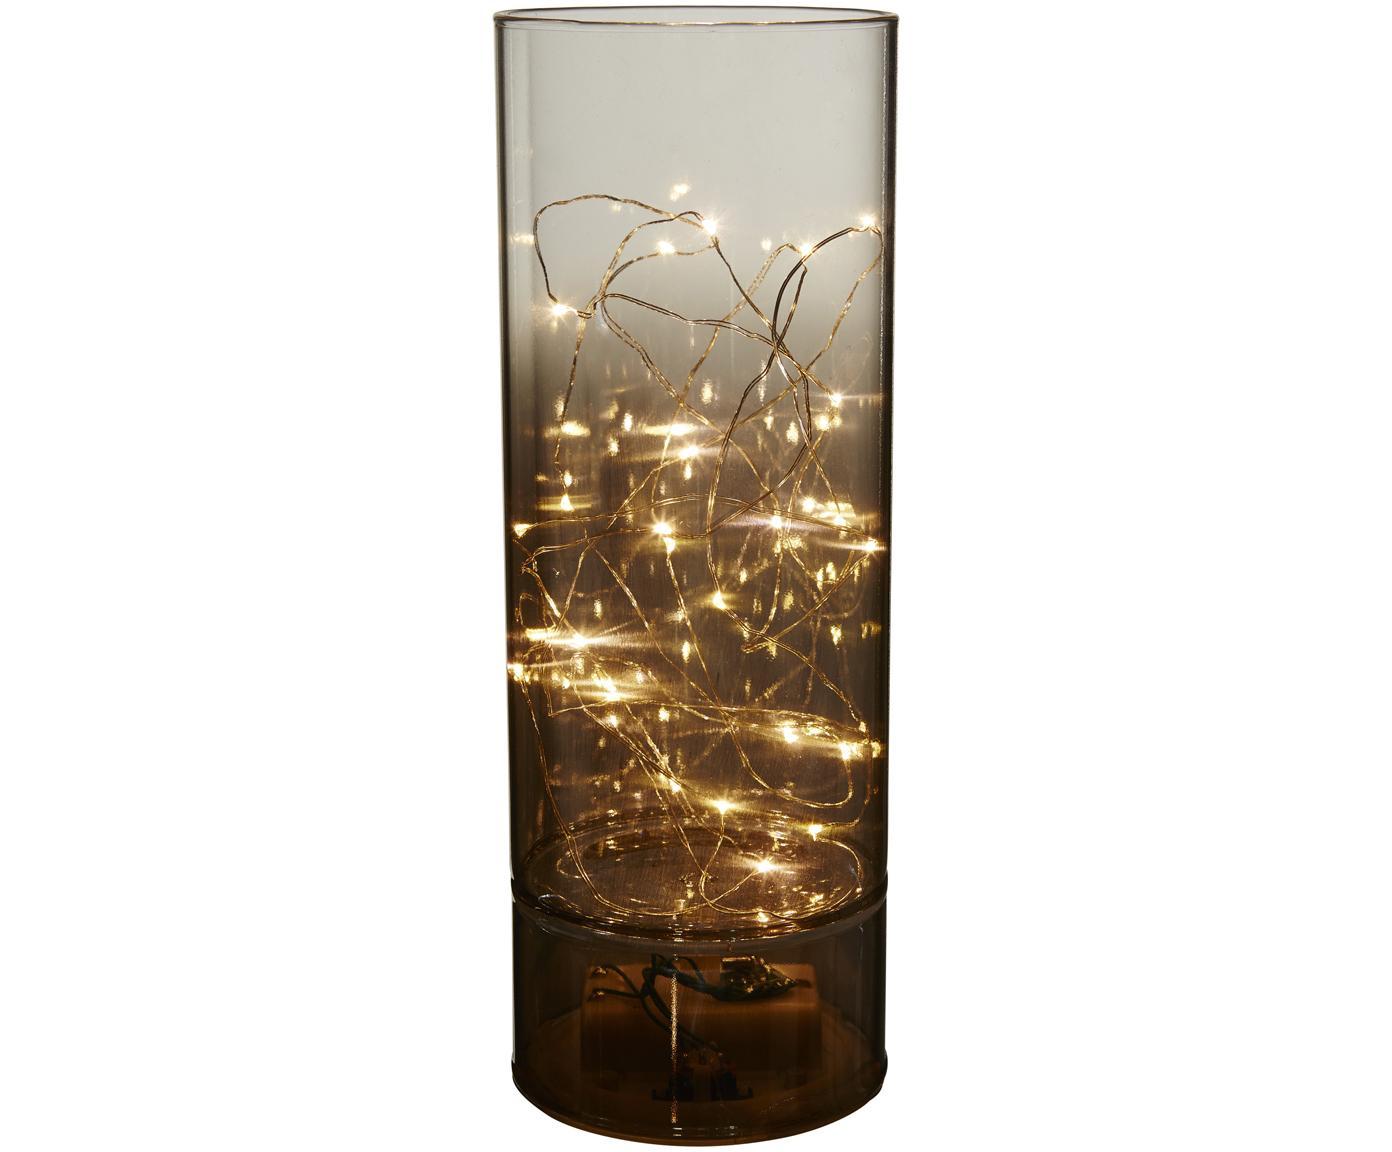 Oggetto luminoso Mirror Tube, Grigio, Ø 9 x A 25 cm